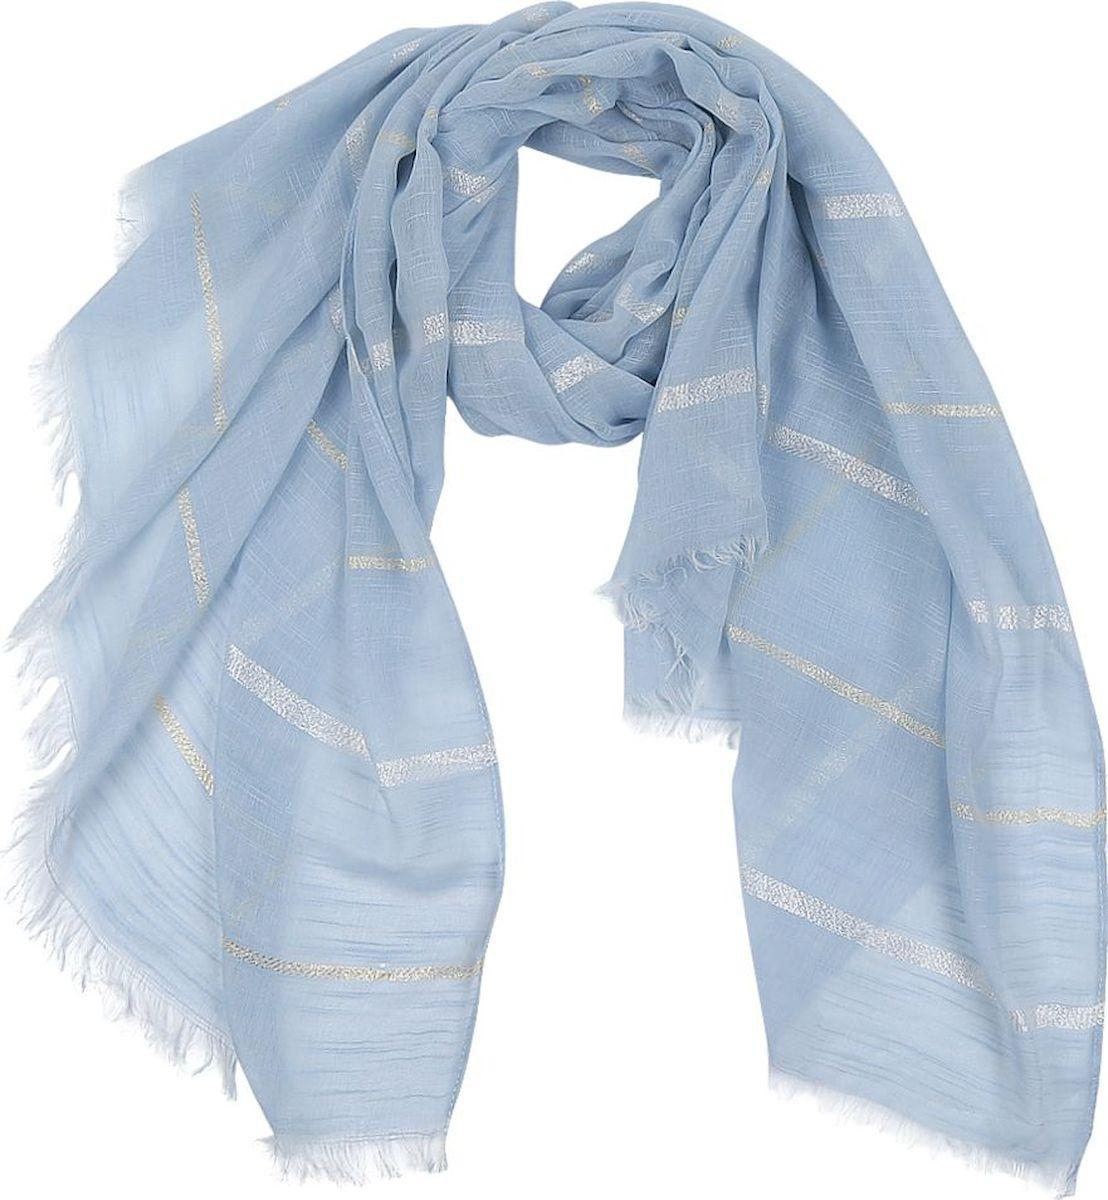 Шарф женский Fabretti, цвет: голубой. 63103-2. Размер 180 см х 90 см шарф женский sophie ramage цвет синий розовый зеленый yy 21402 3 размер 60 см х 180 см